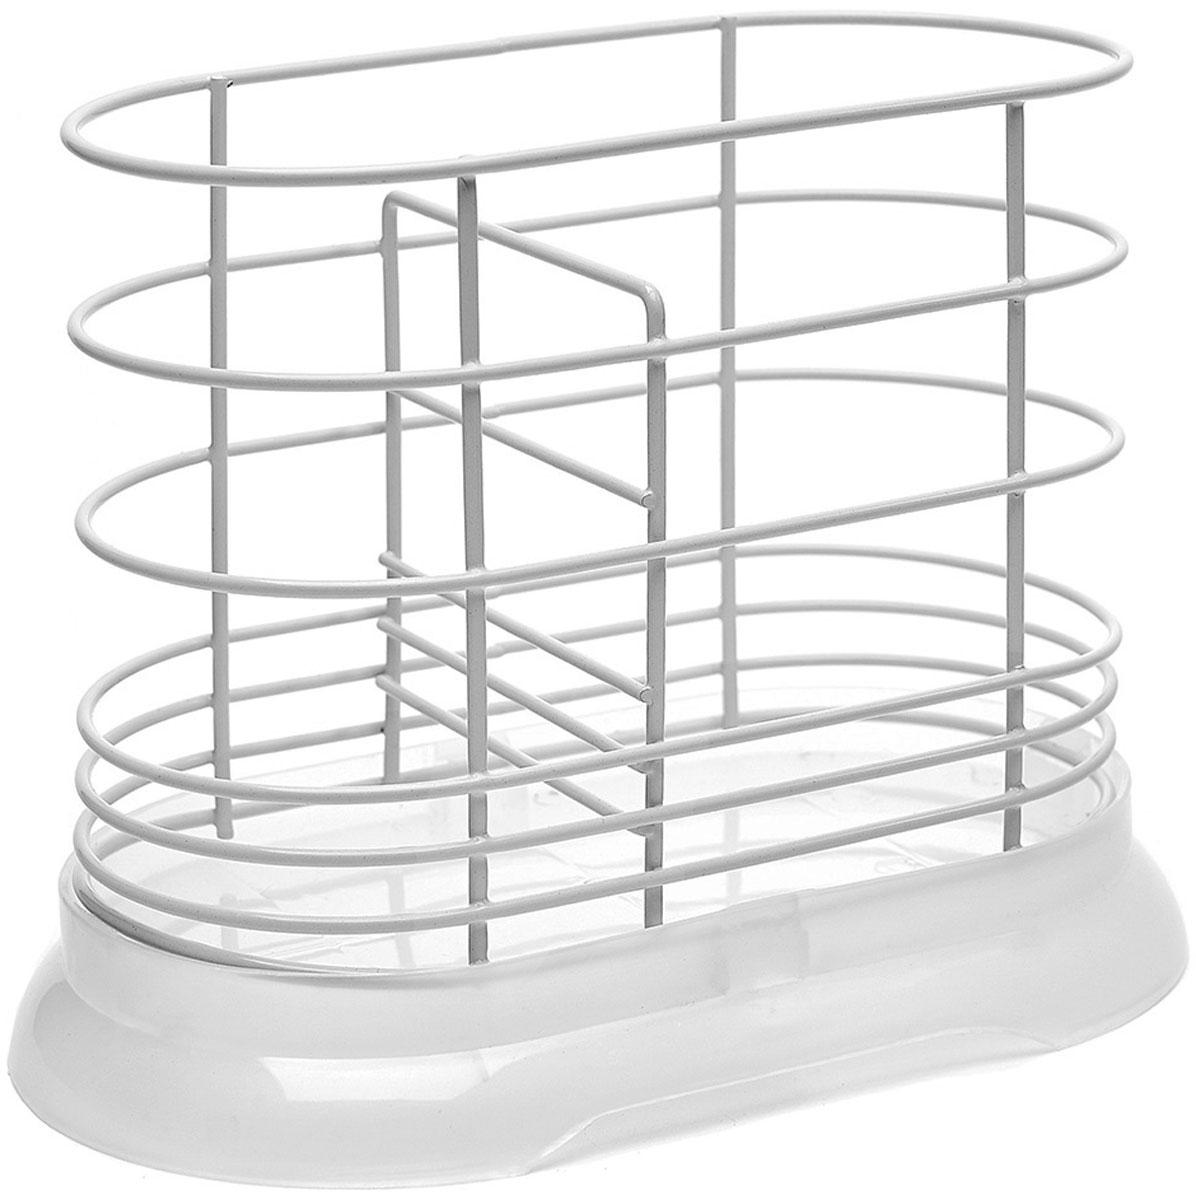 """Подставка для столовых приборов """"Walmer"""", цвет: белый, 16 x 8,5 x 13,5 см"""